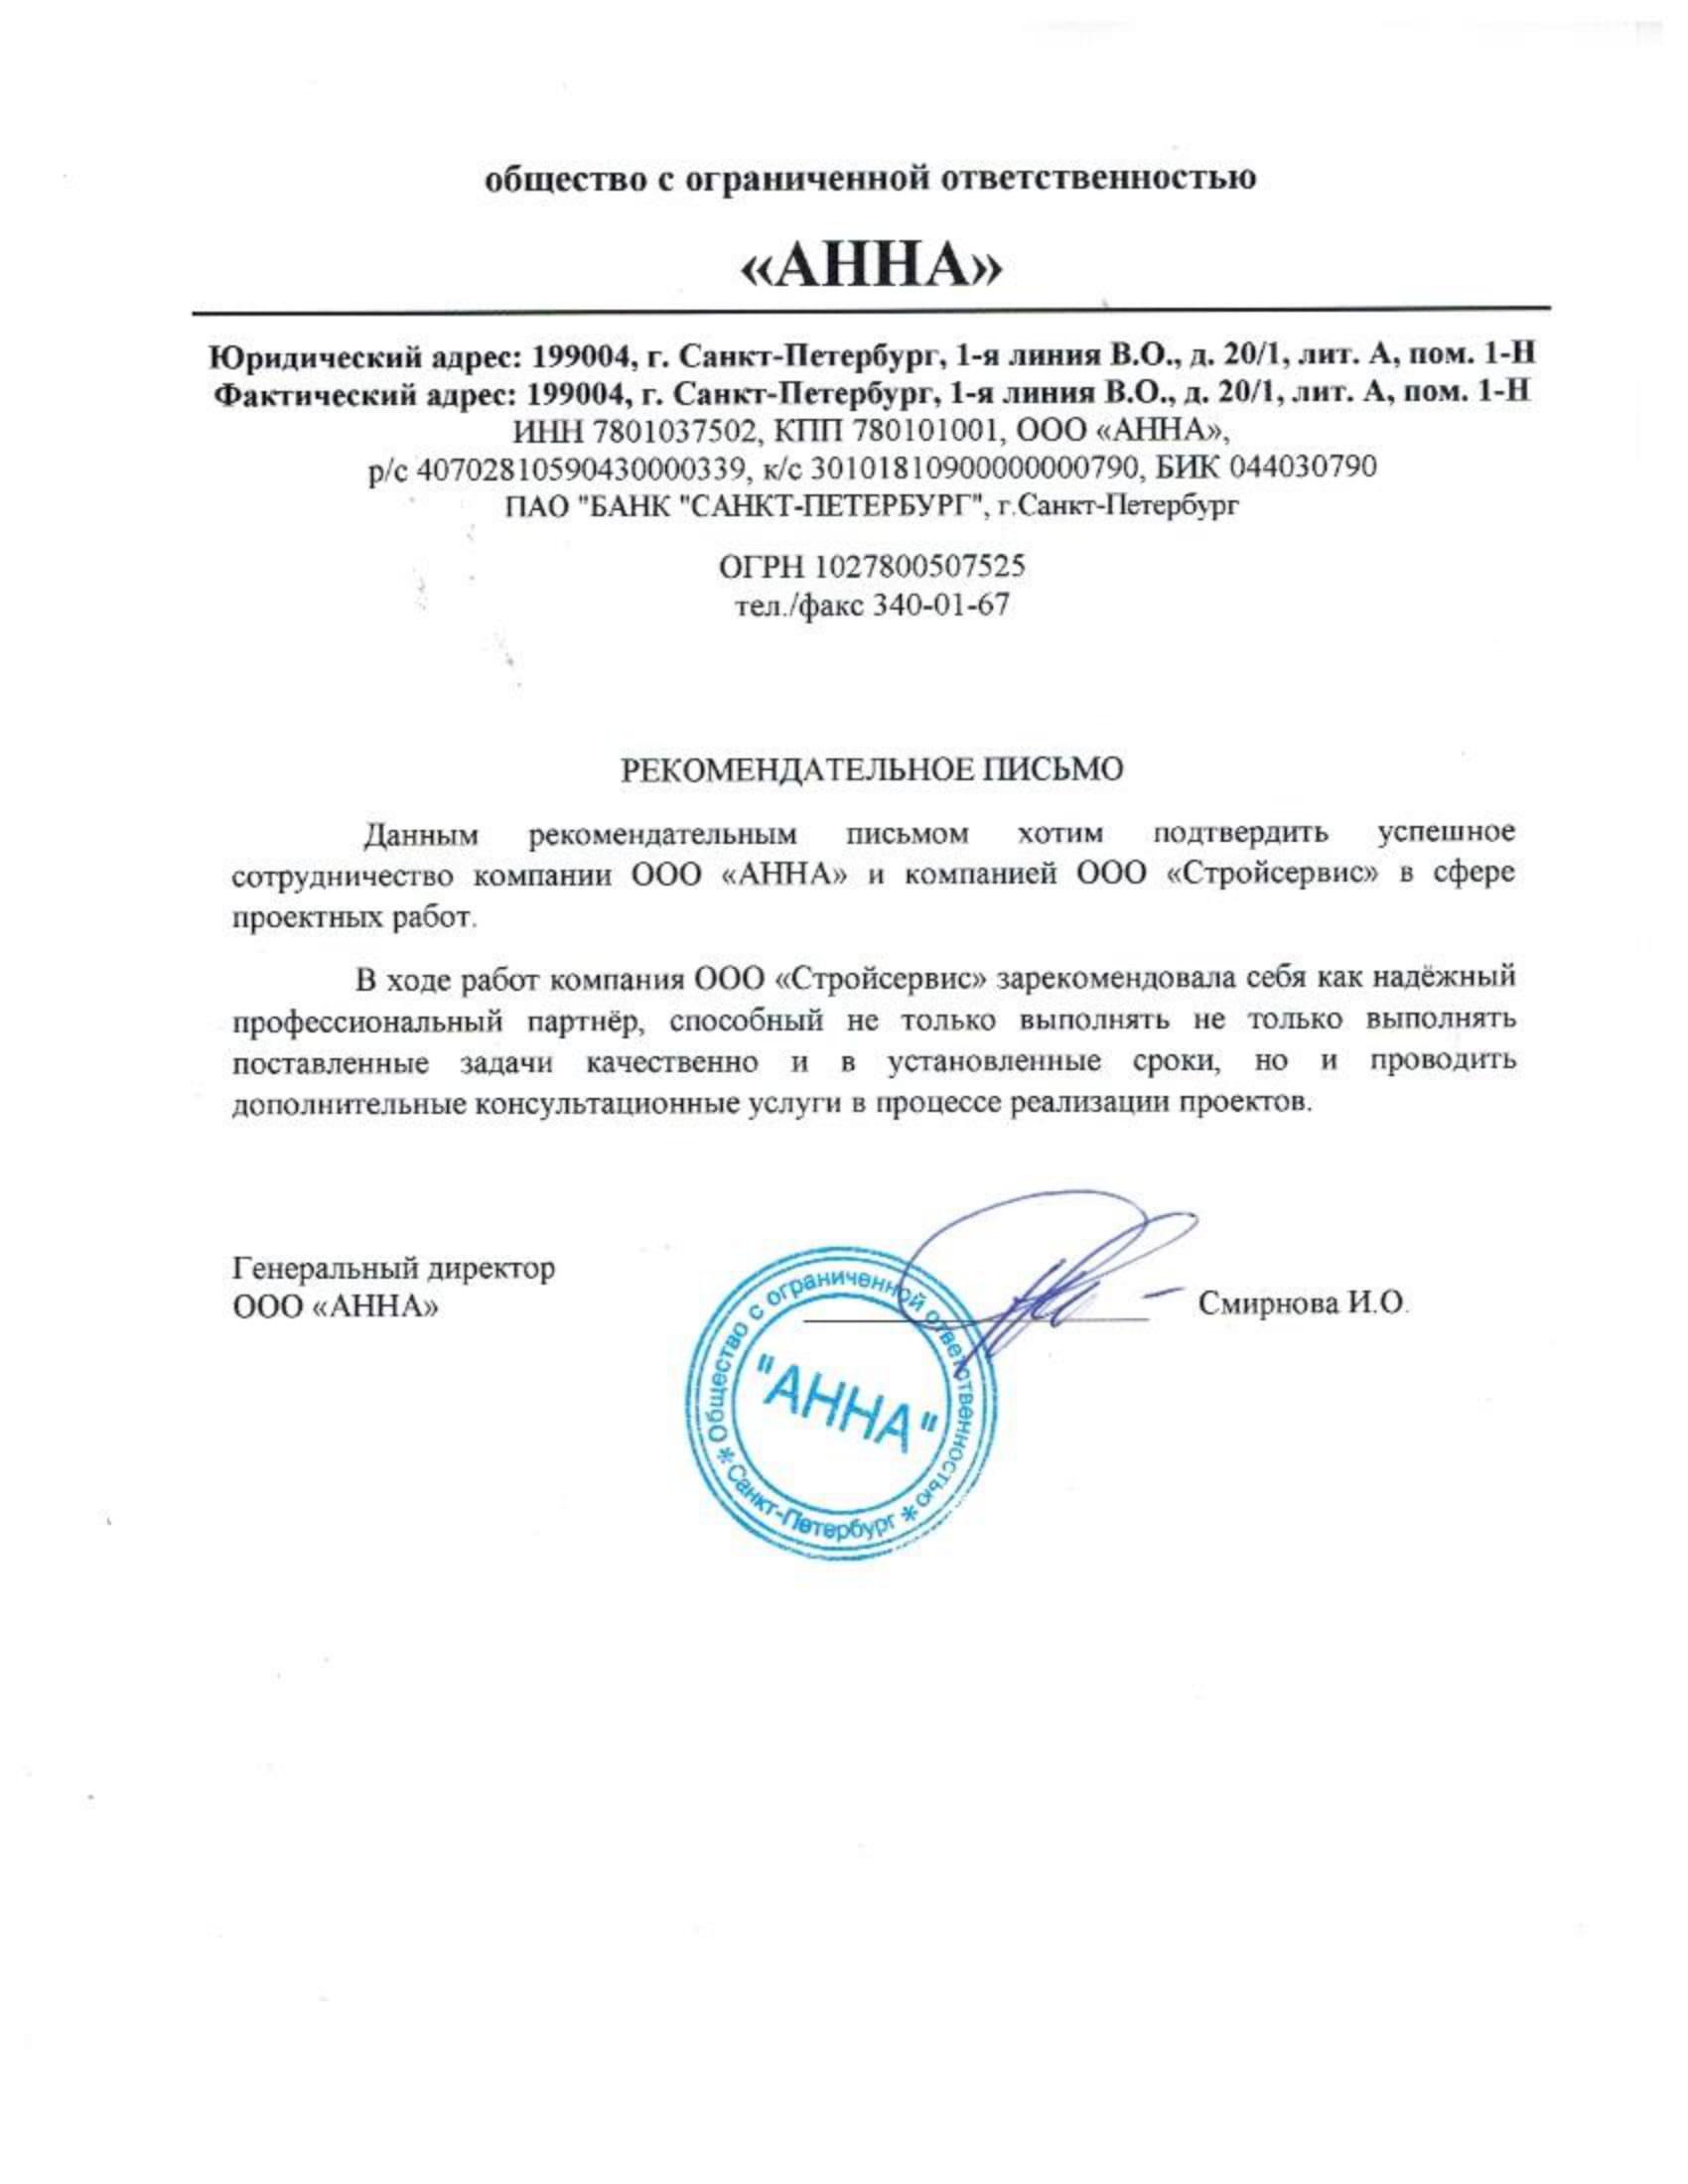 ООО Стройсервис презентация.-4